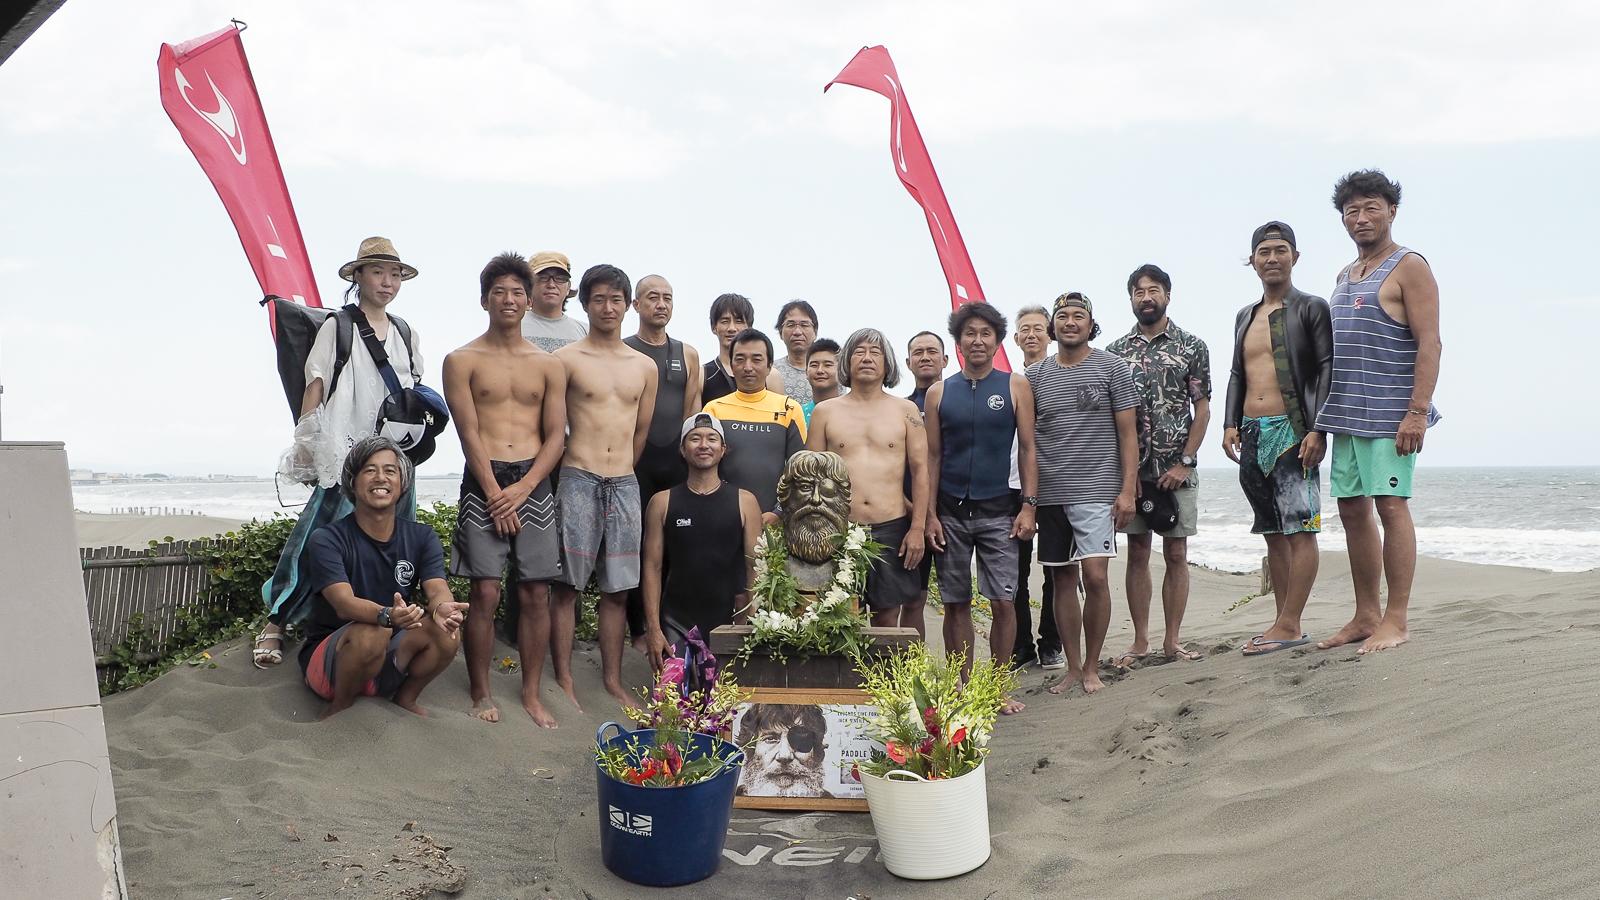 サーフィン界の偉大なレジェンドで、ウェットスーツのパイオニアであるジャック・オニールの追悼セレモニーも行われた